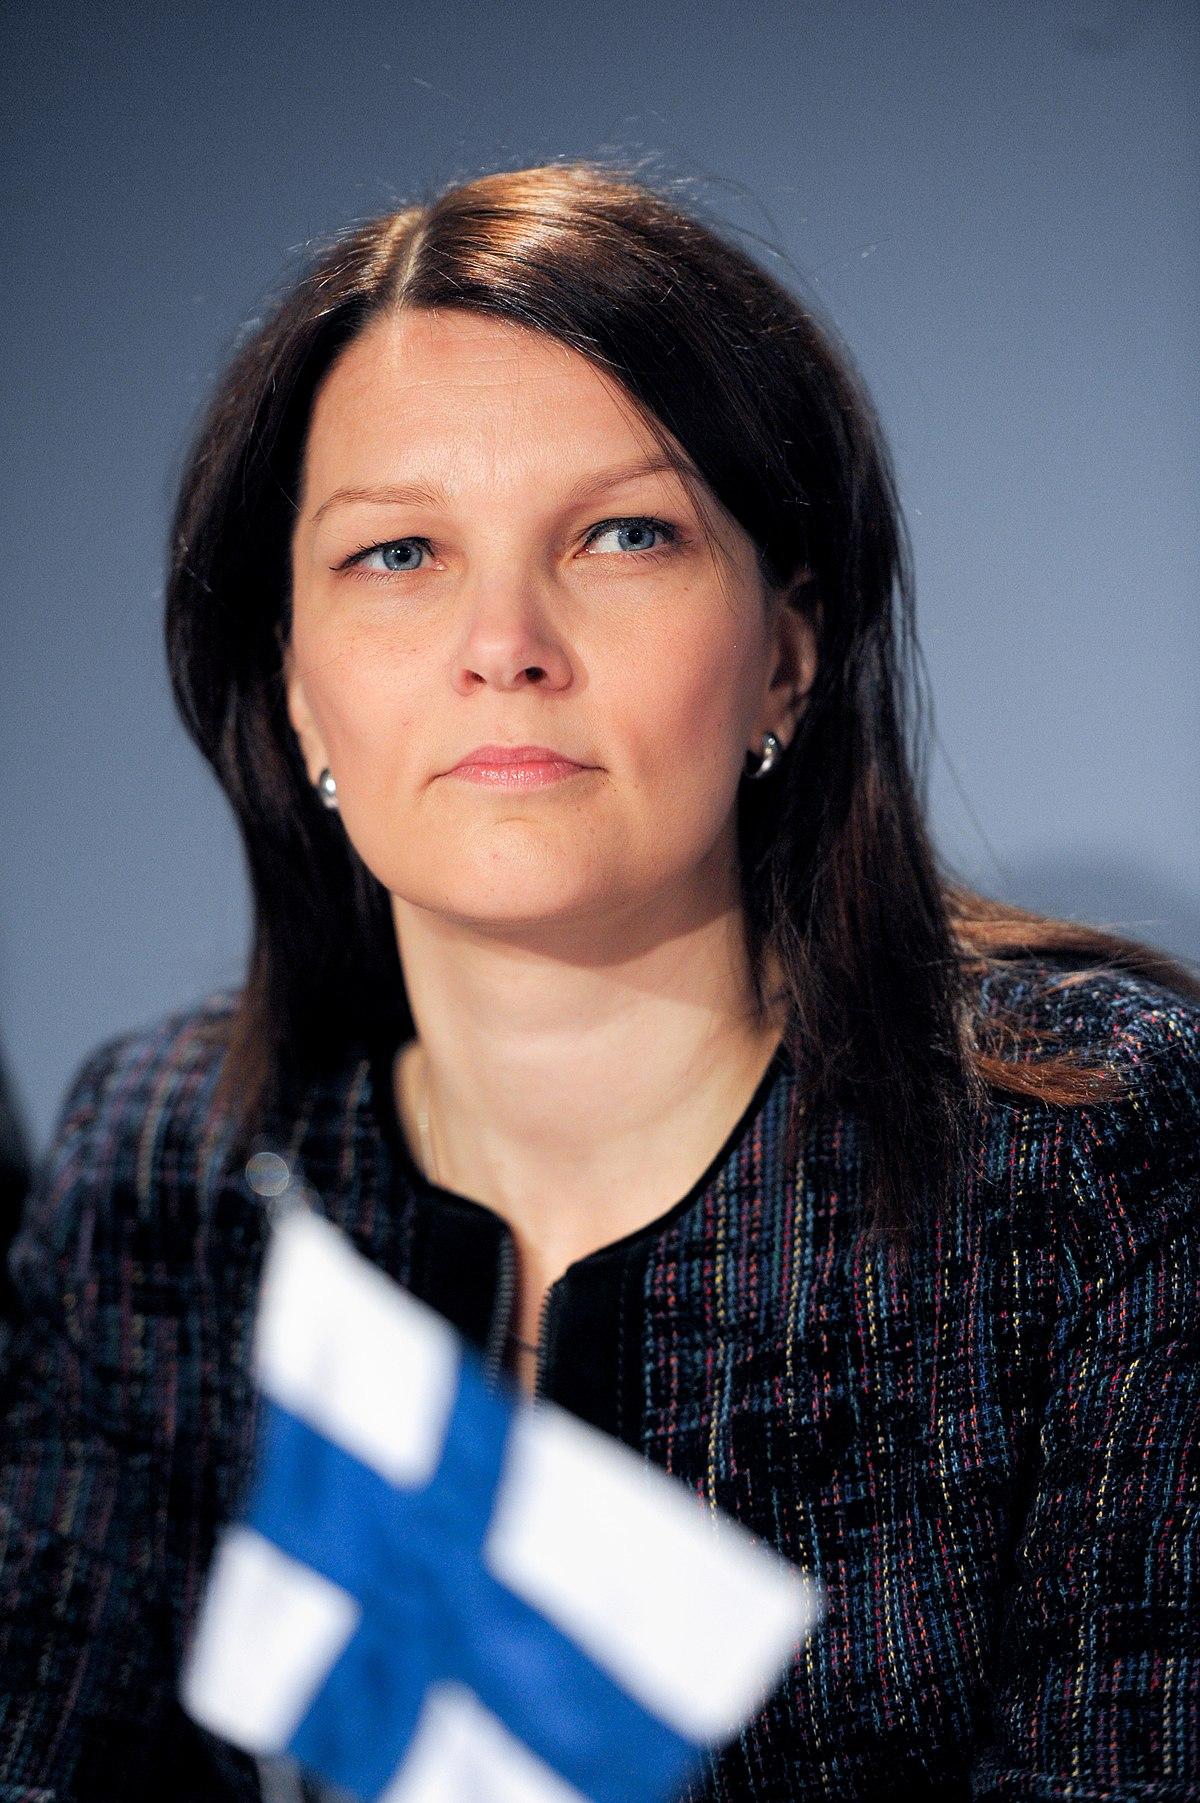 Juha Kiviniemi